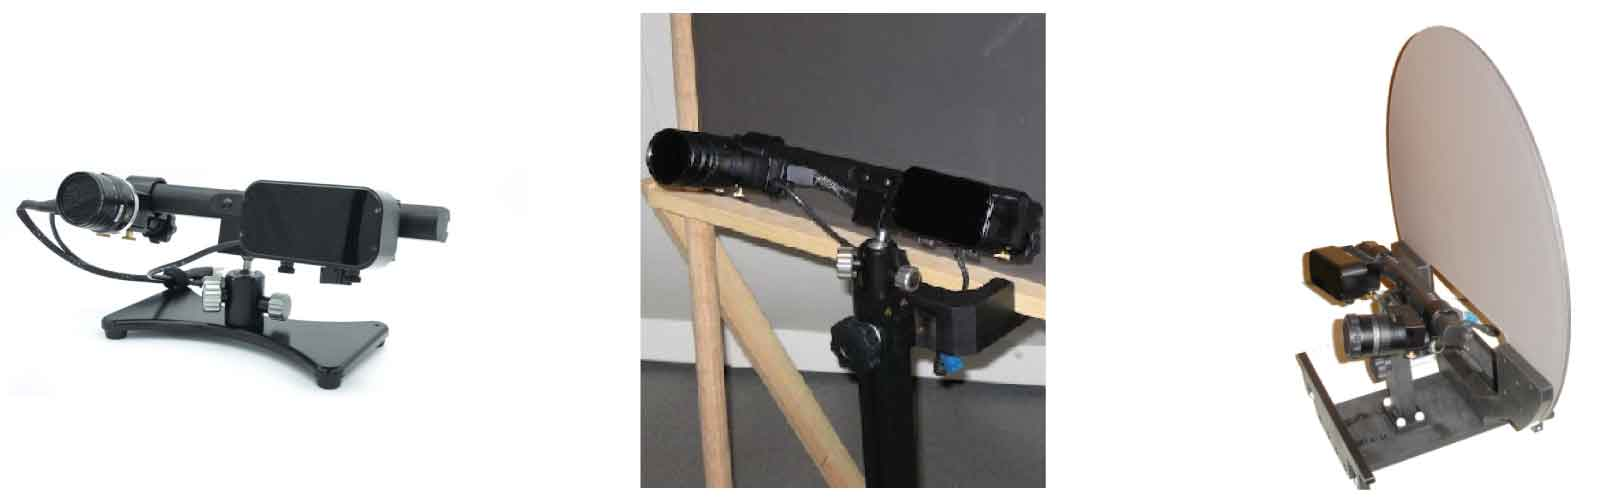 eye tracking fmri long range mounts